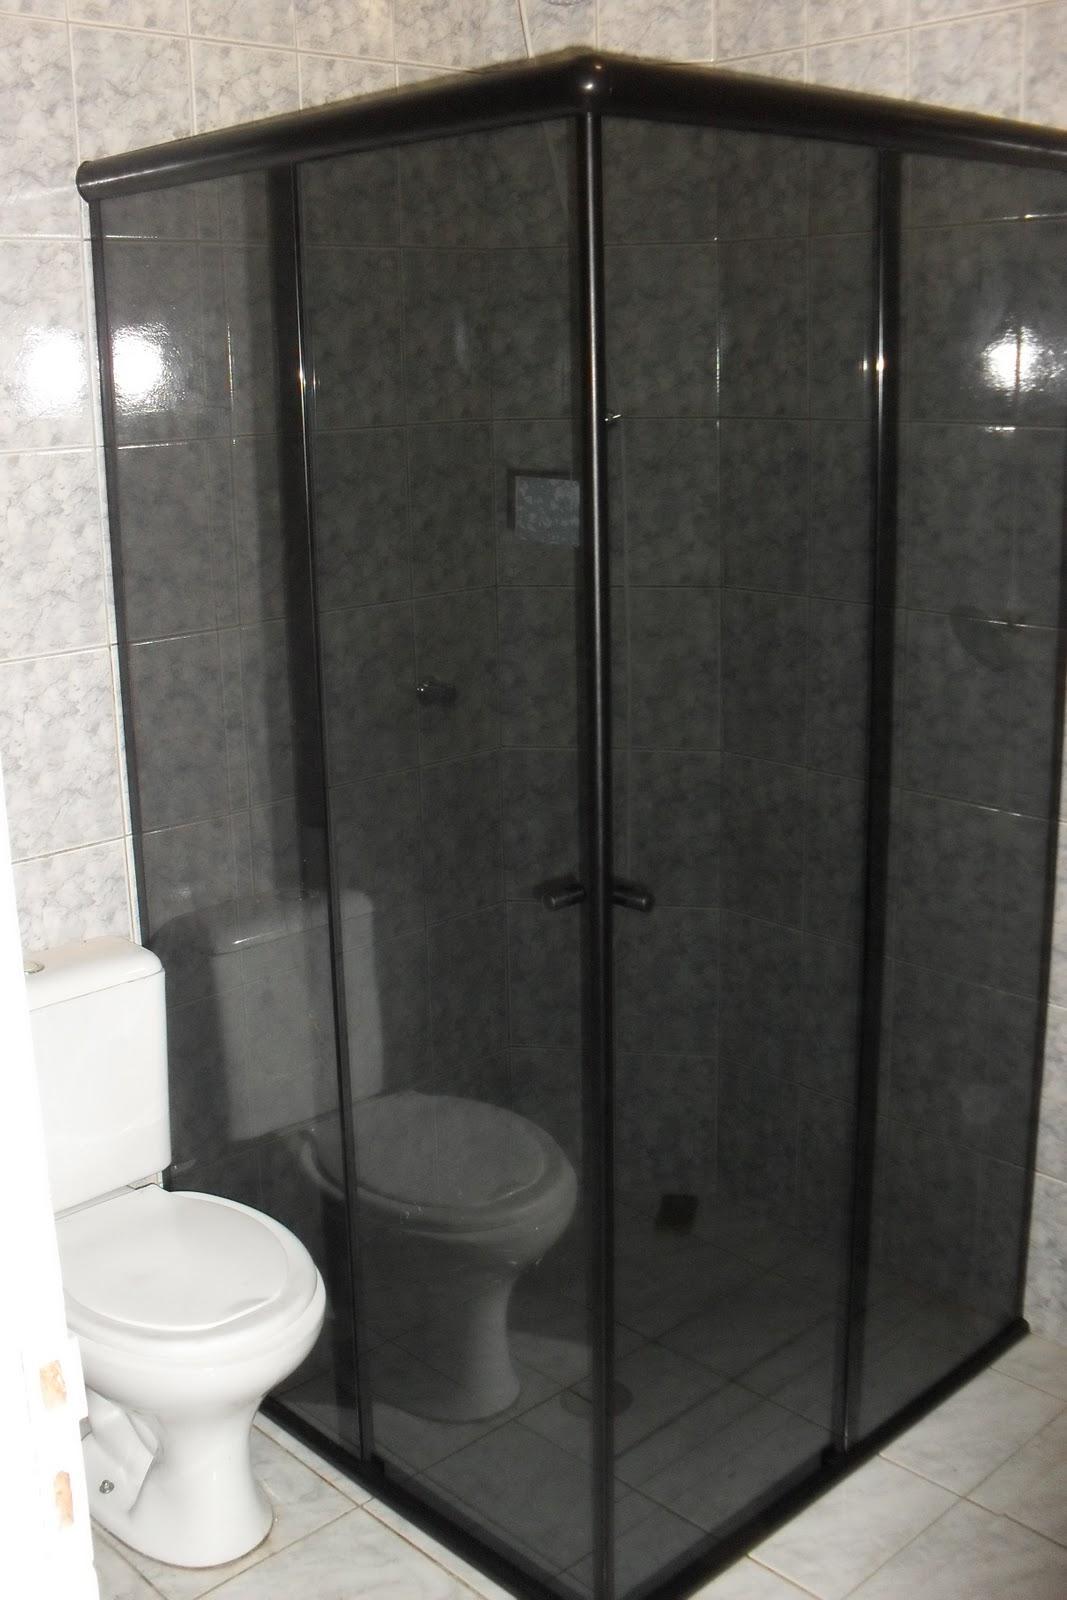 Imagens de #756756 Box para banheiro colorido. (Foto: Divulgação). 1067x1600 px 2936 Box Banheiro Fosco